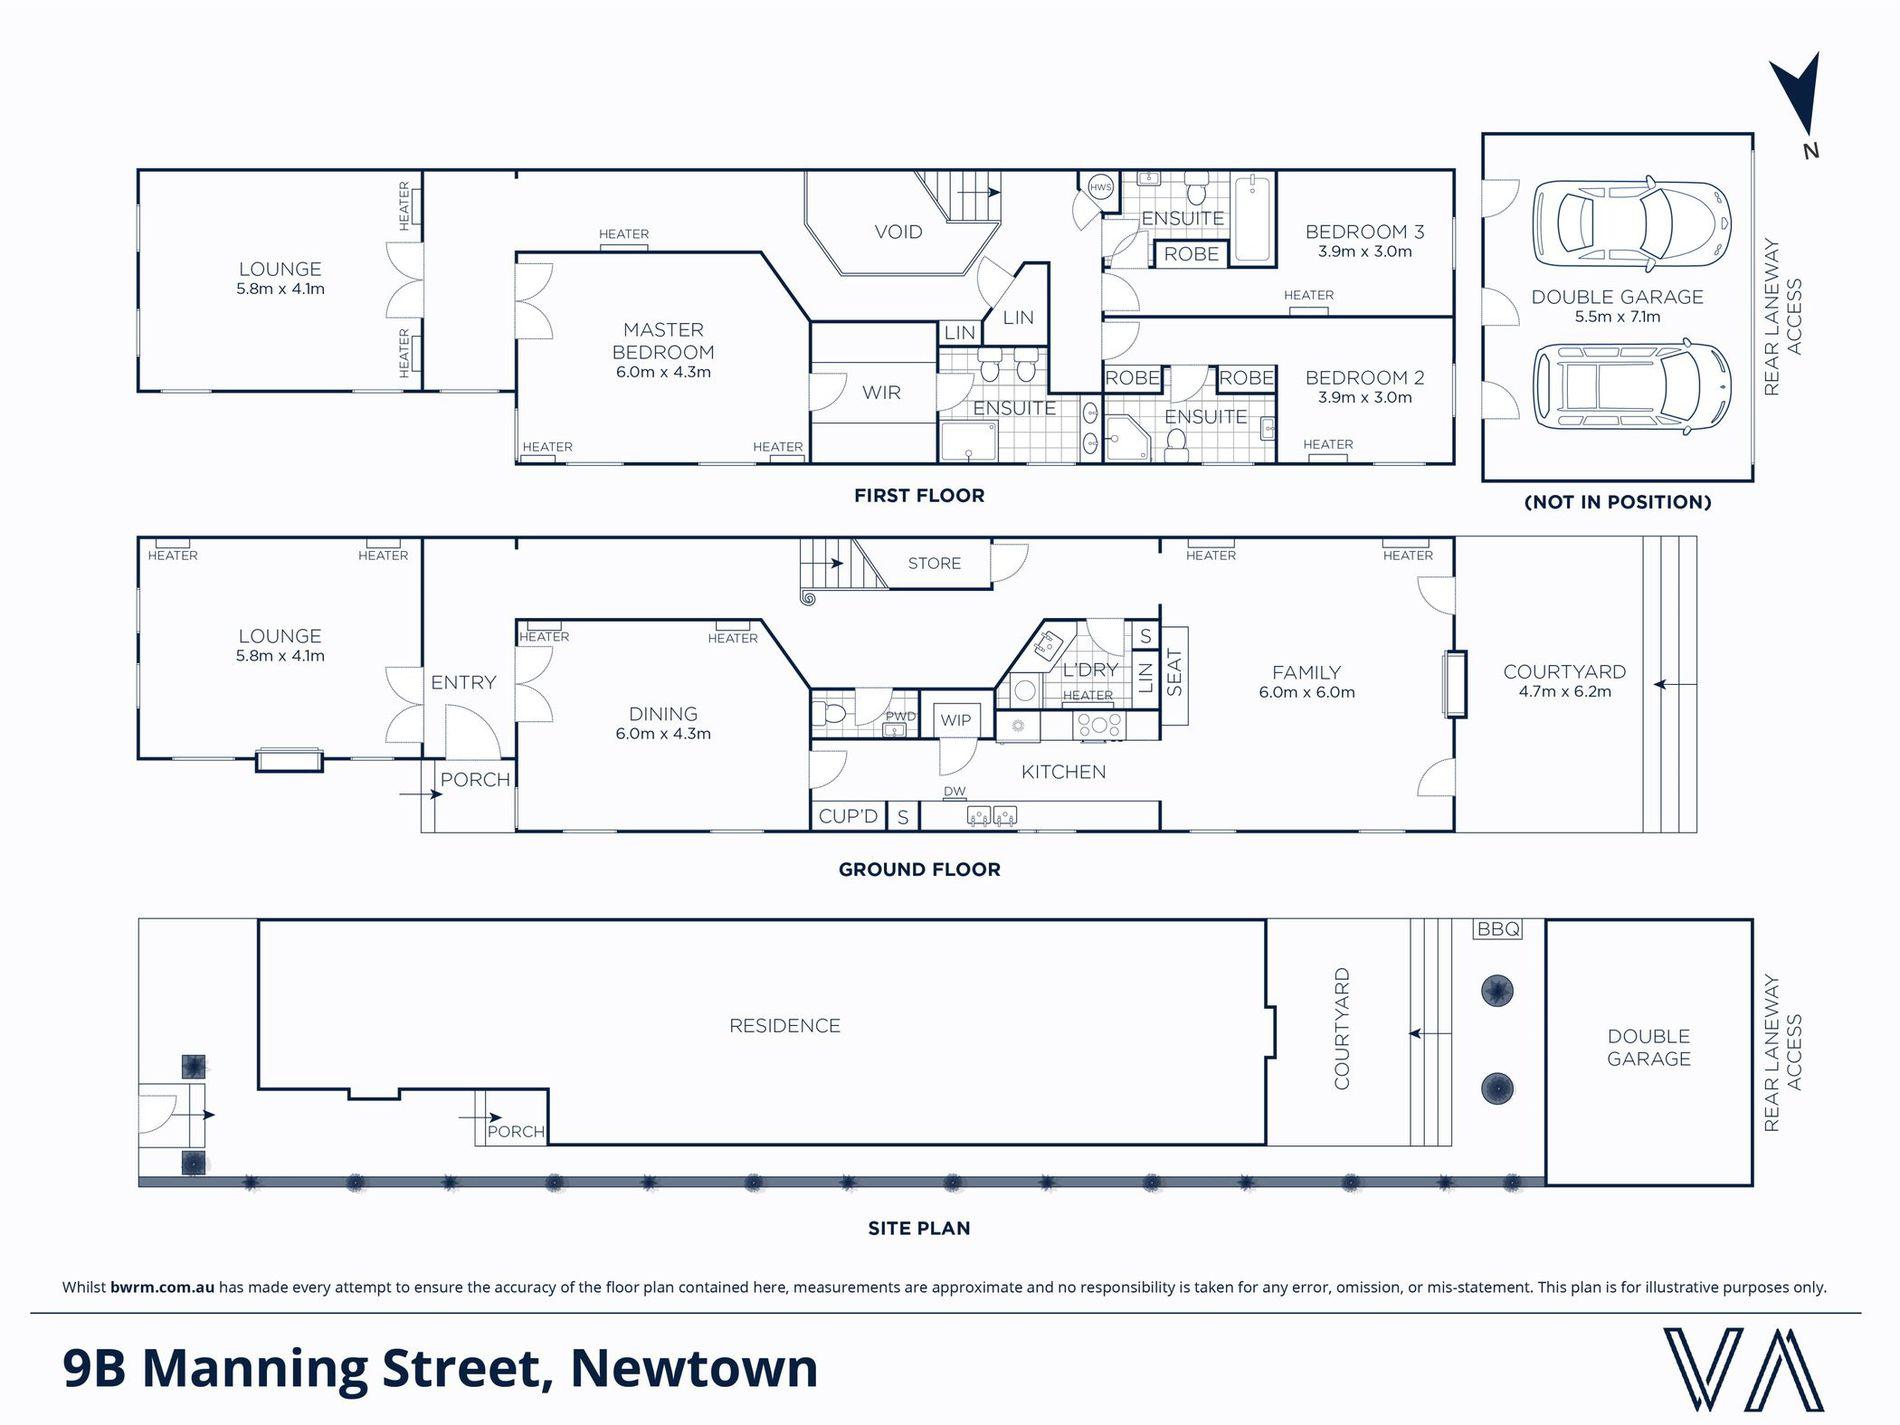 9B Manning Street, Newtown